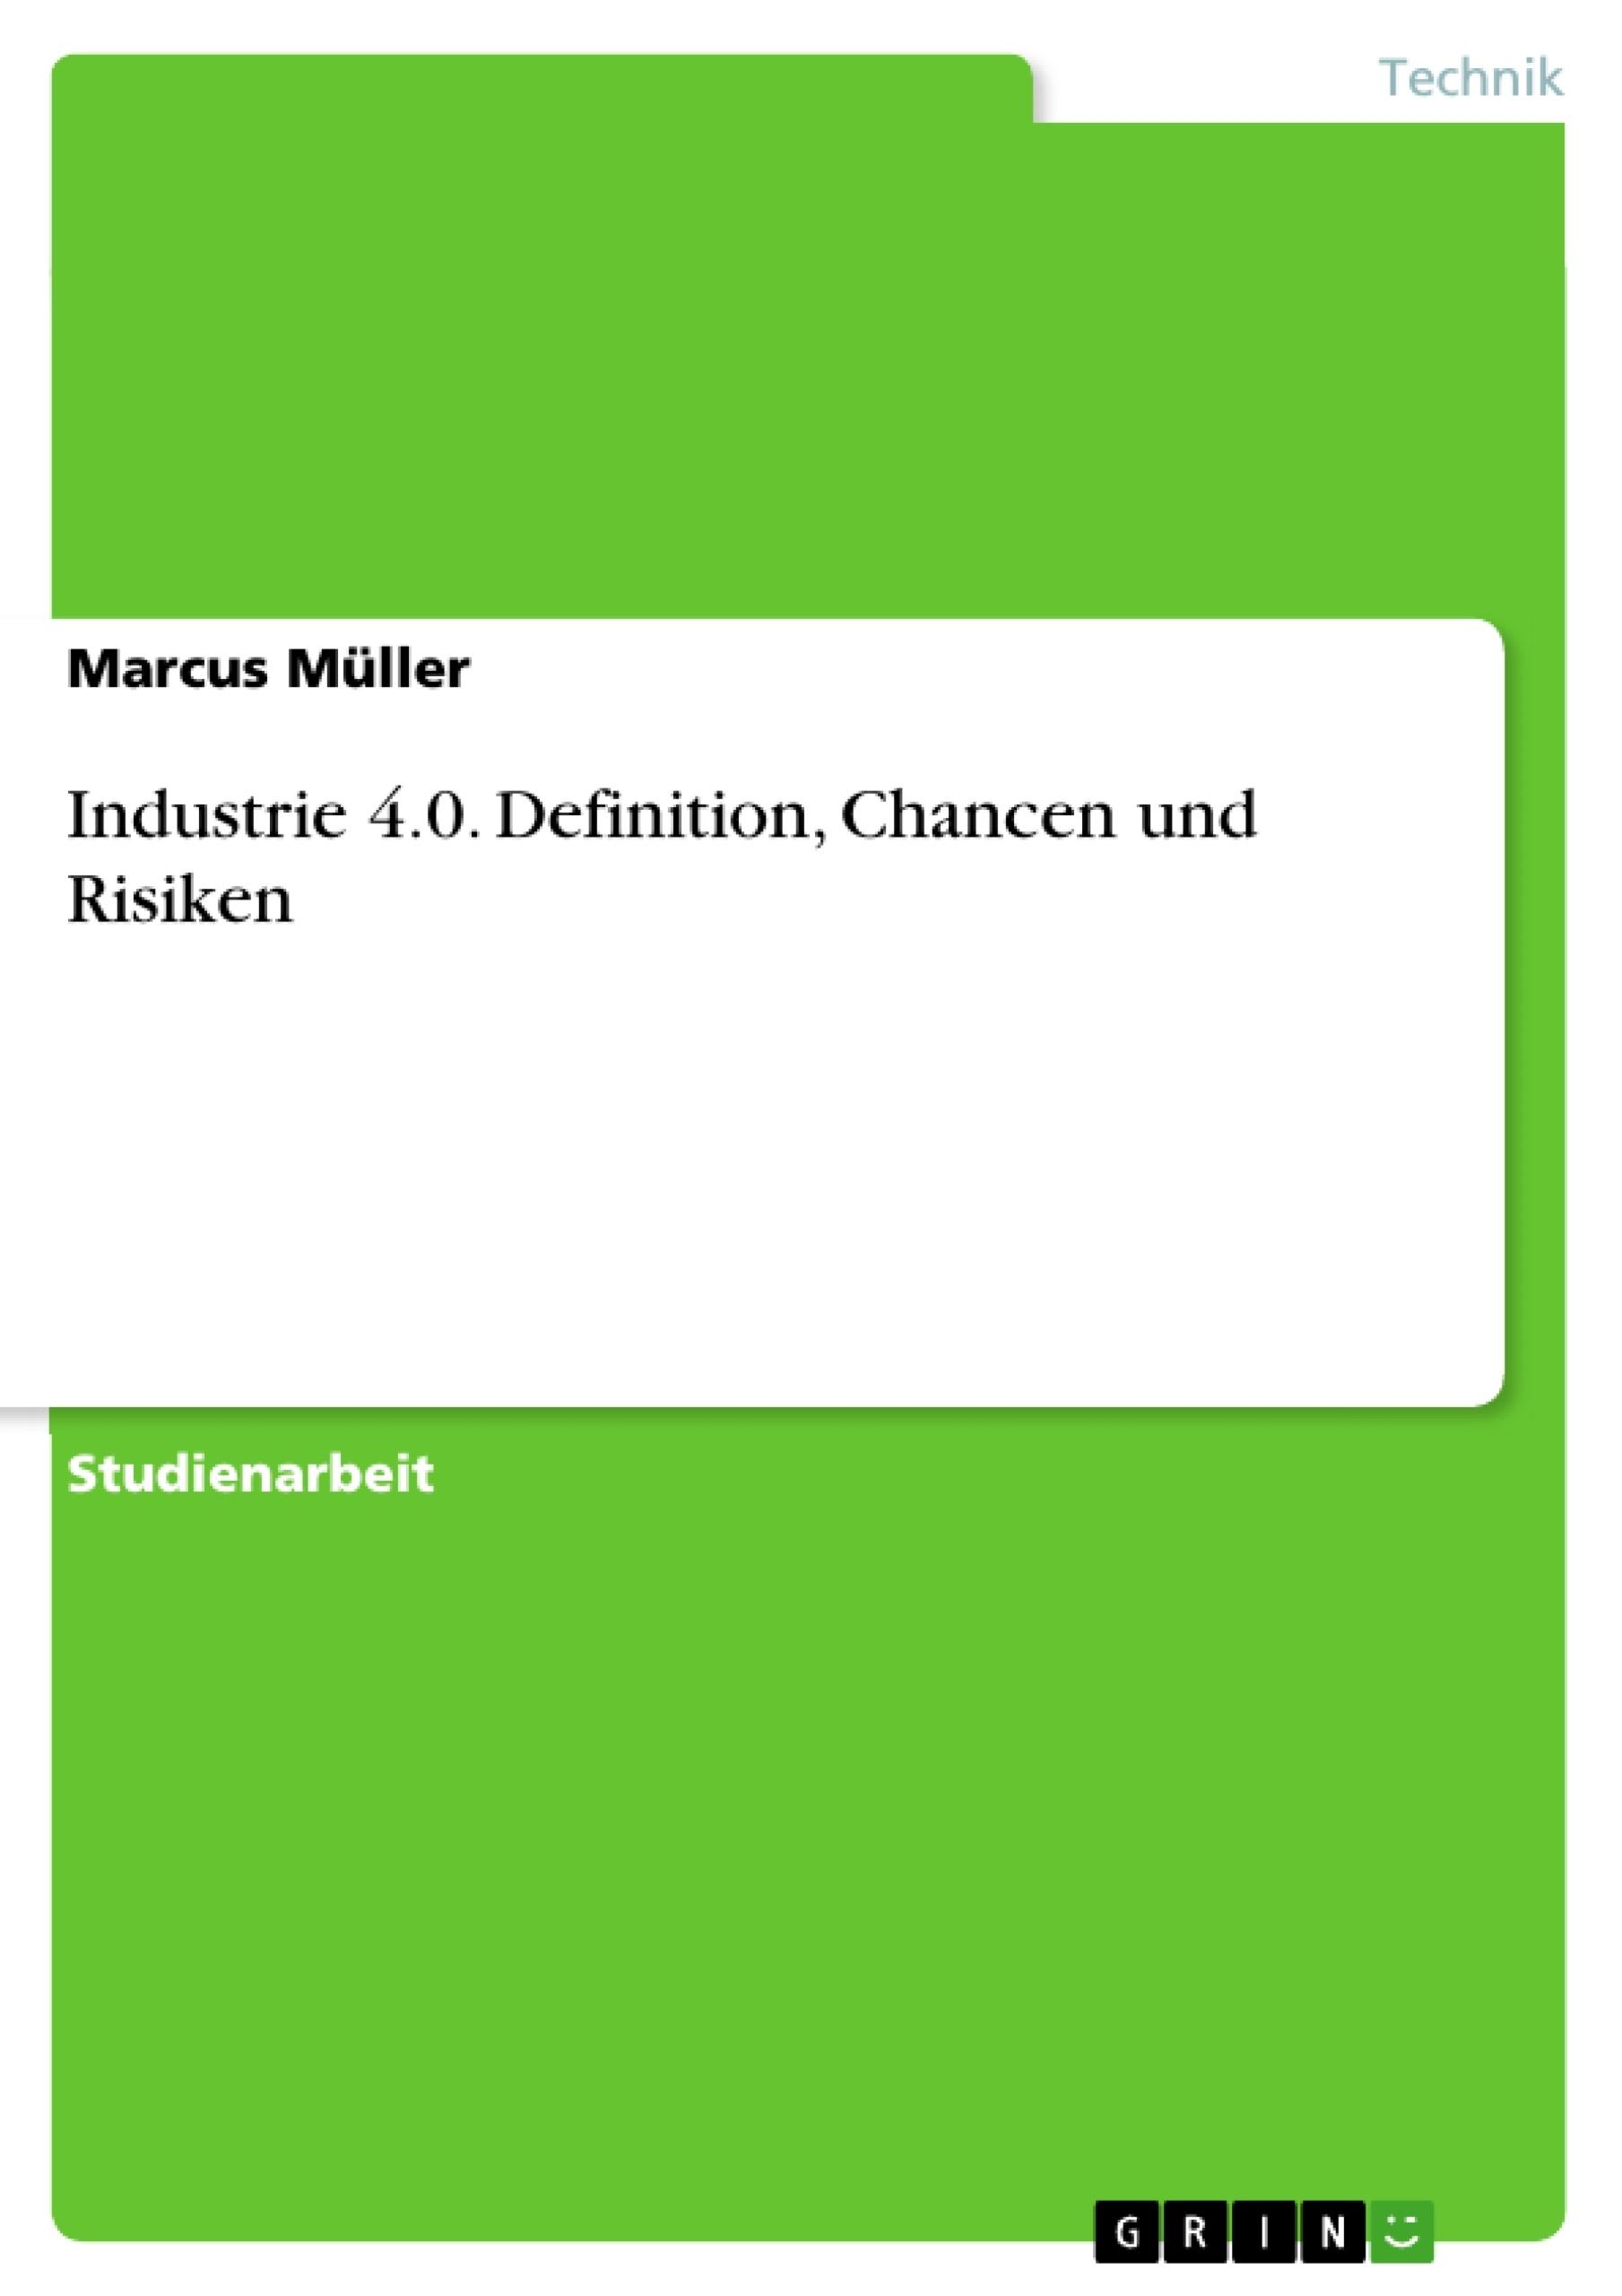 Titel: Industrie 4.0. Definition, Chancen und Risiken